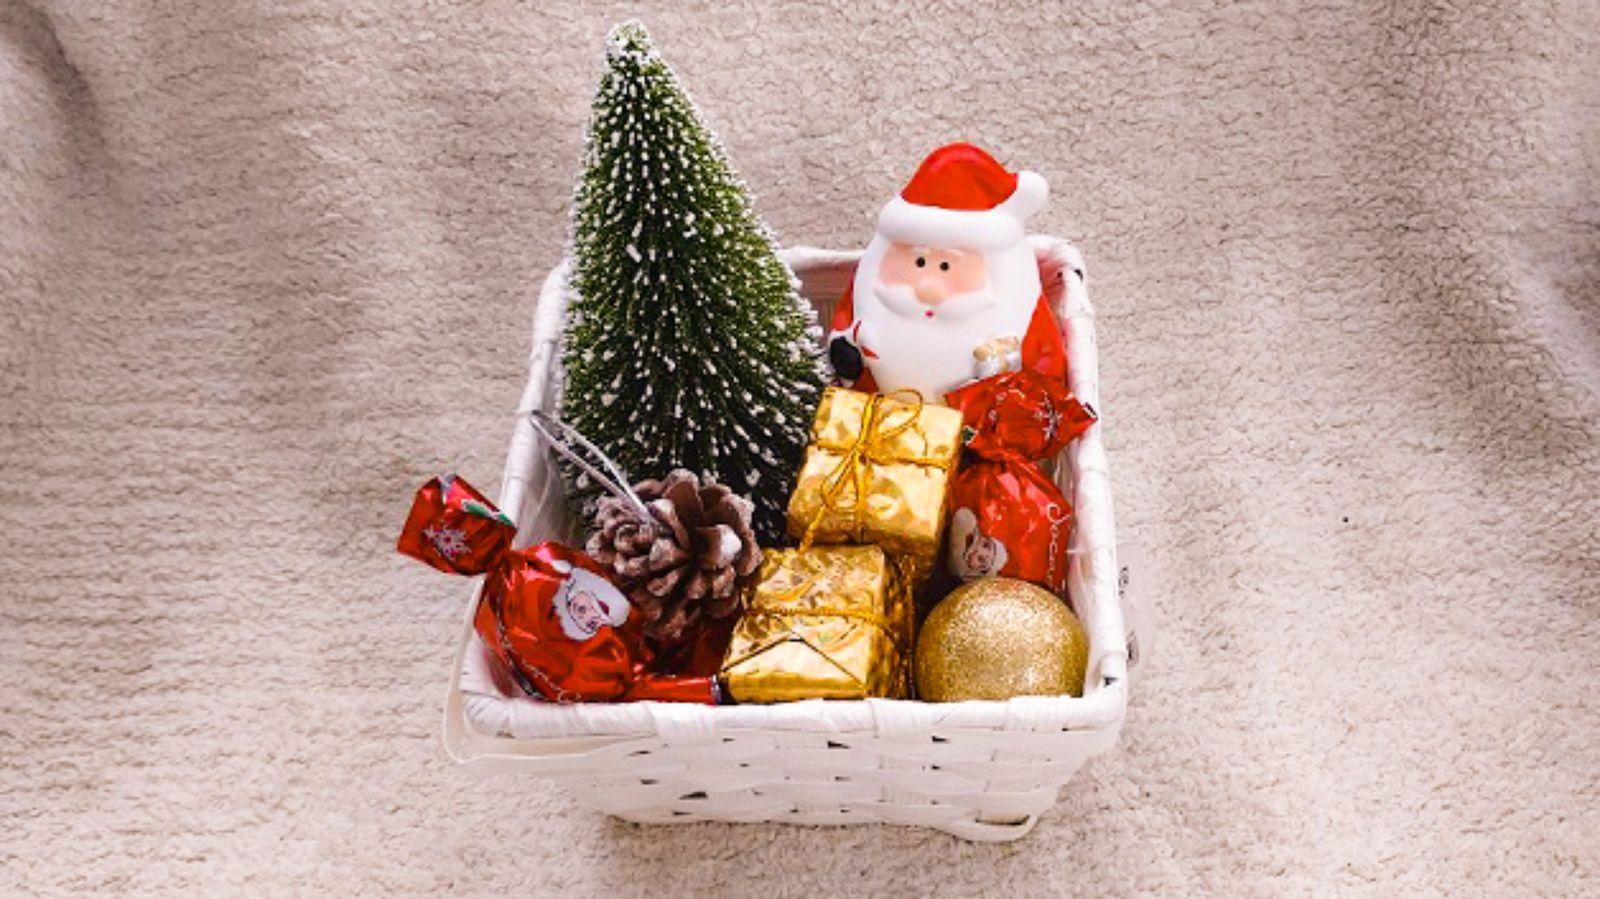 クリスマス前に「100均」で買うべき便利グッズ ひと冬だけ楽しみ、すっきり処分